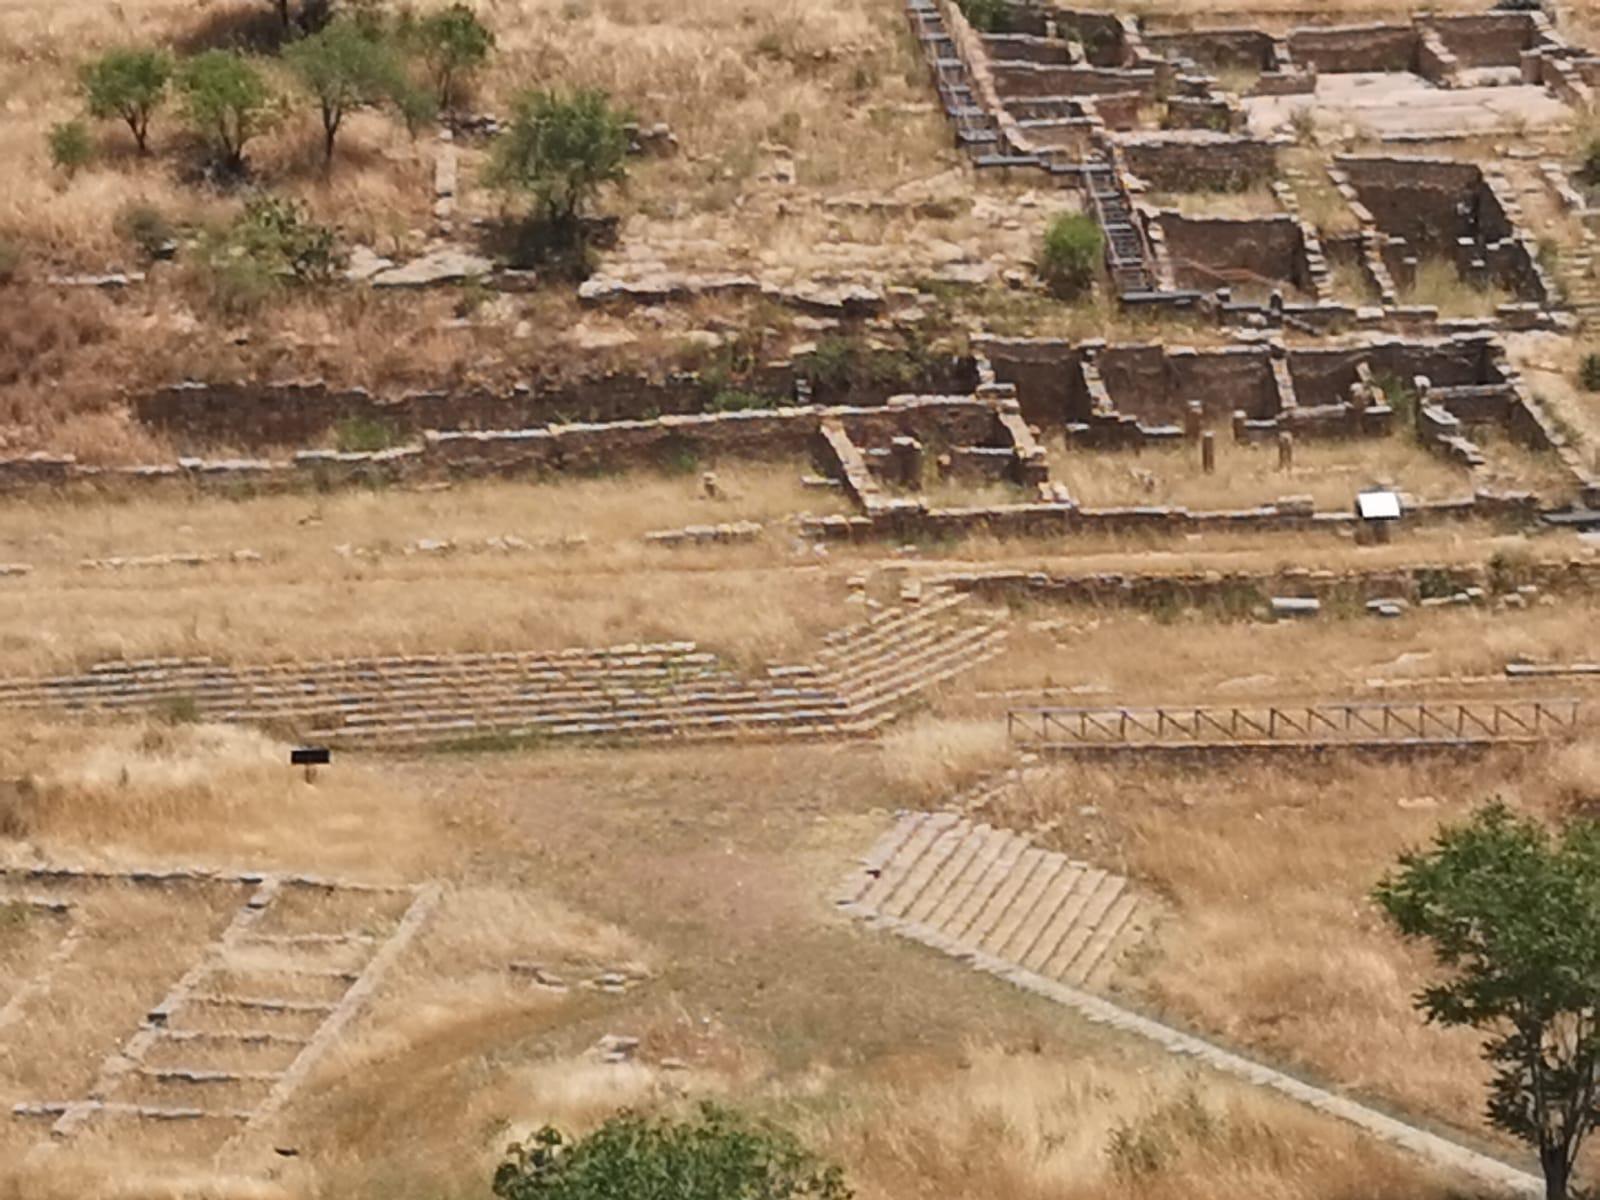 Incendio nell'area archeologica, grave pericolo per patrimonio